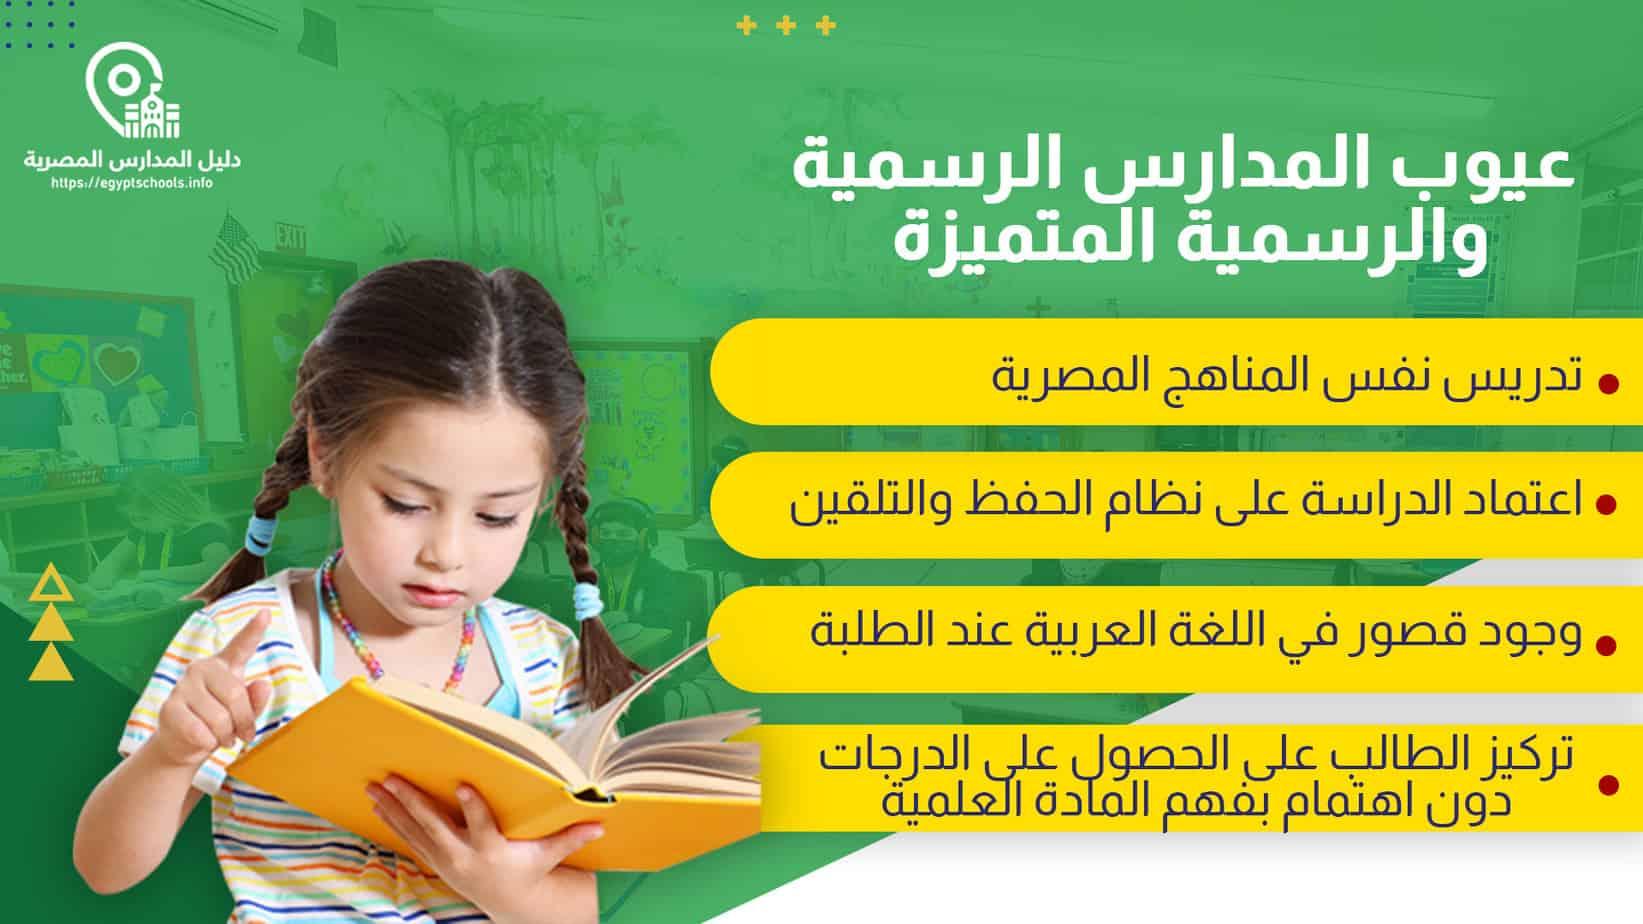 مميزات المدارس الرسمية والرسمية المتميزة